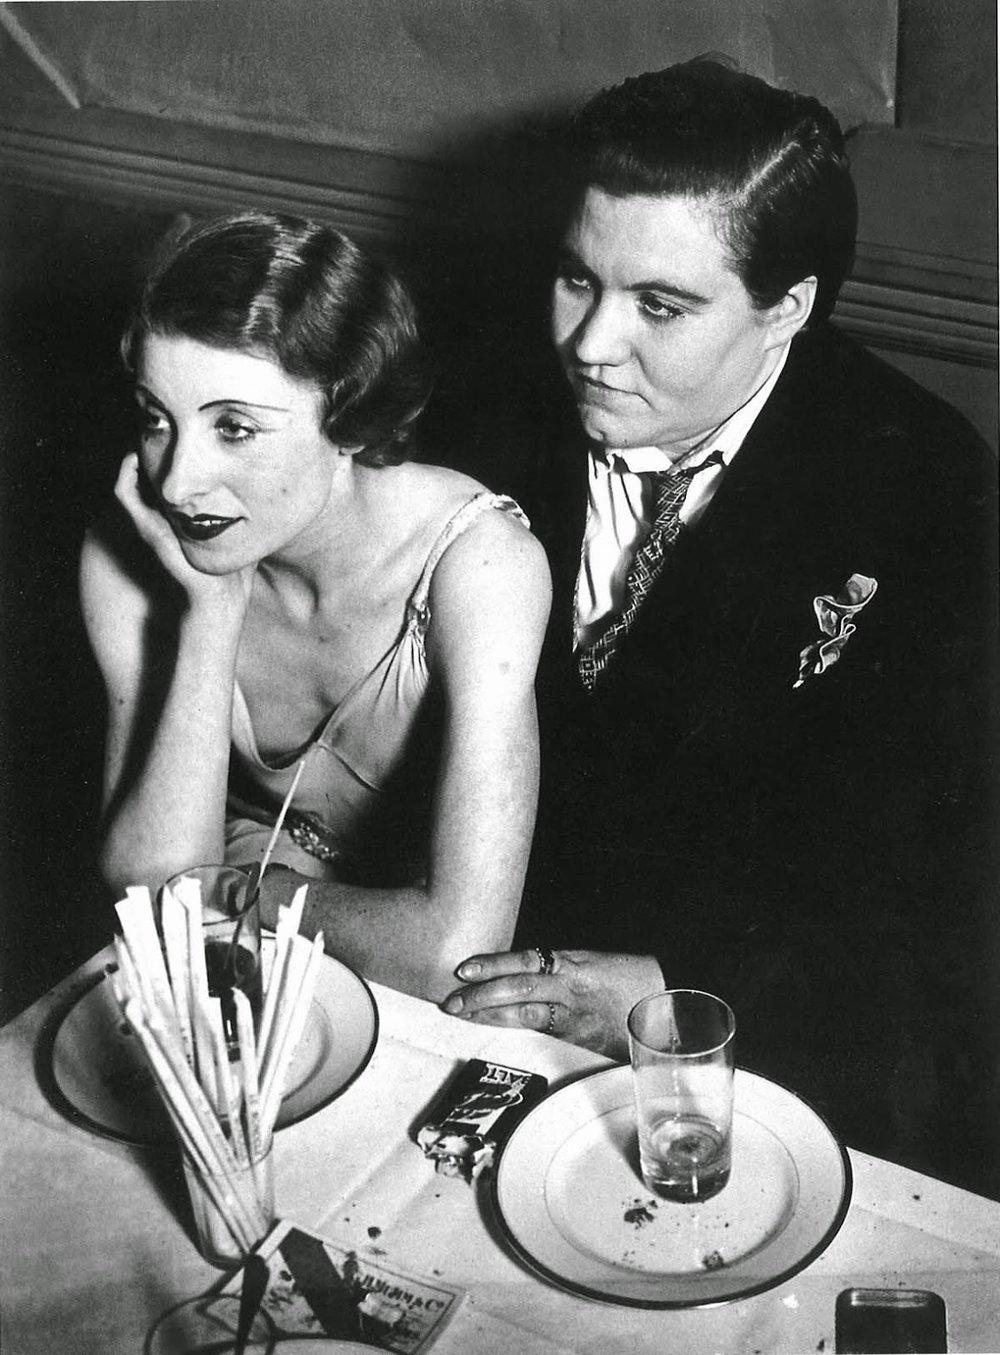 Violette Morris, a la derecha con traje oscuro, en El Monóculo